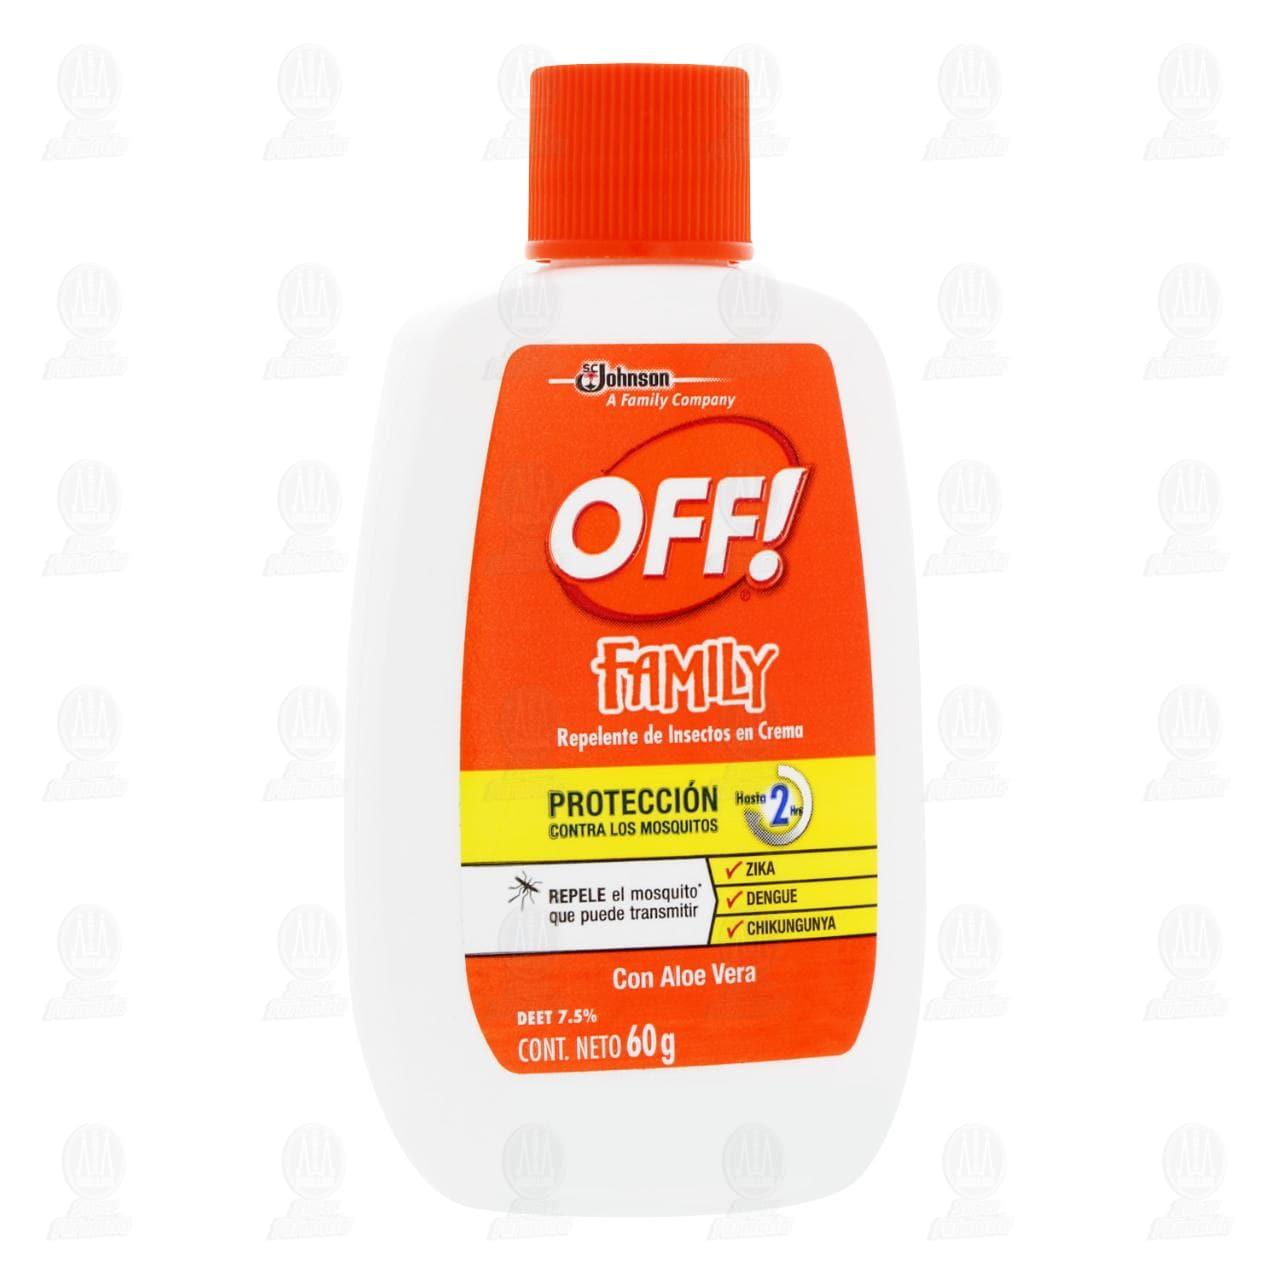 Repelente de Insectos Off! Family en Crema, 60 gr.